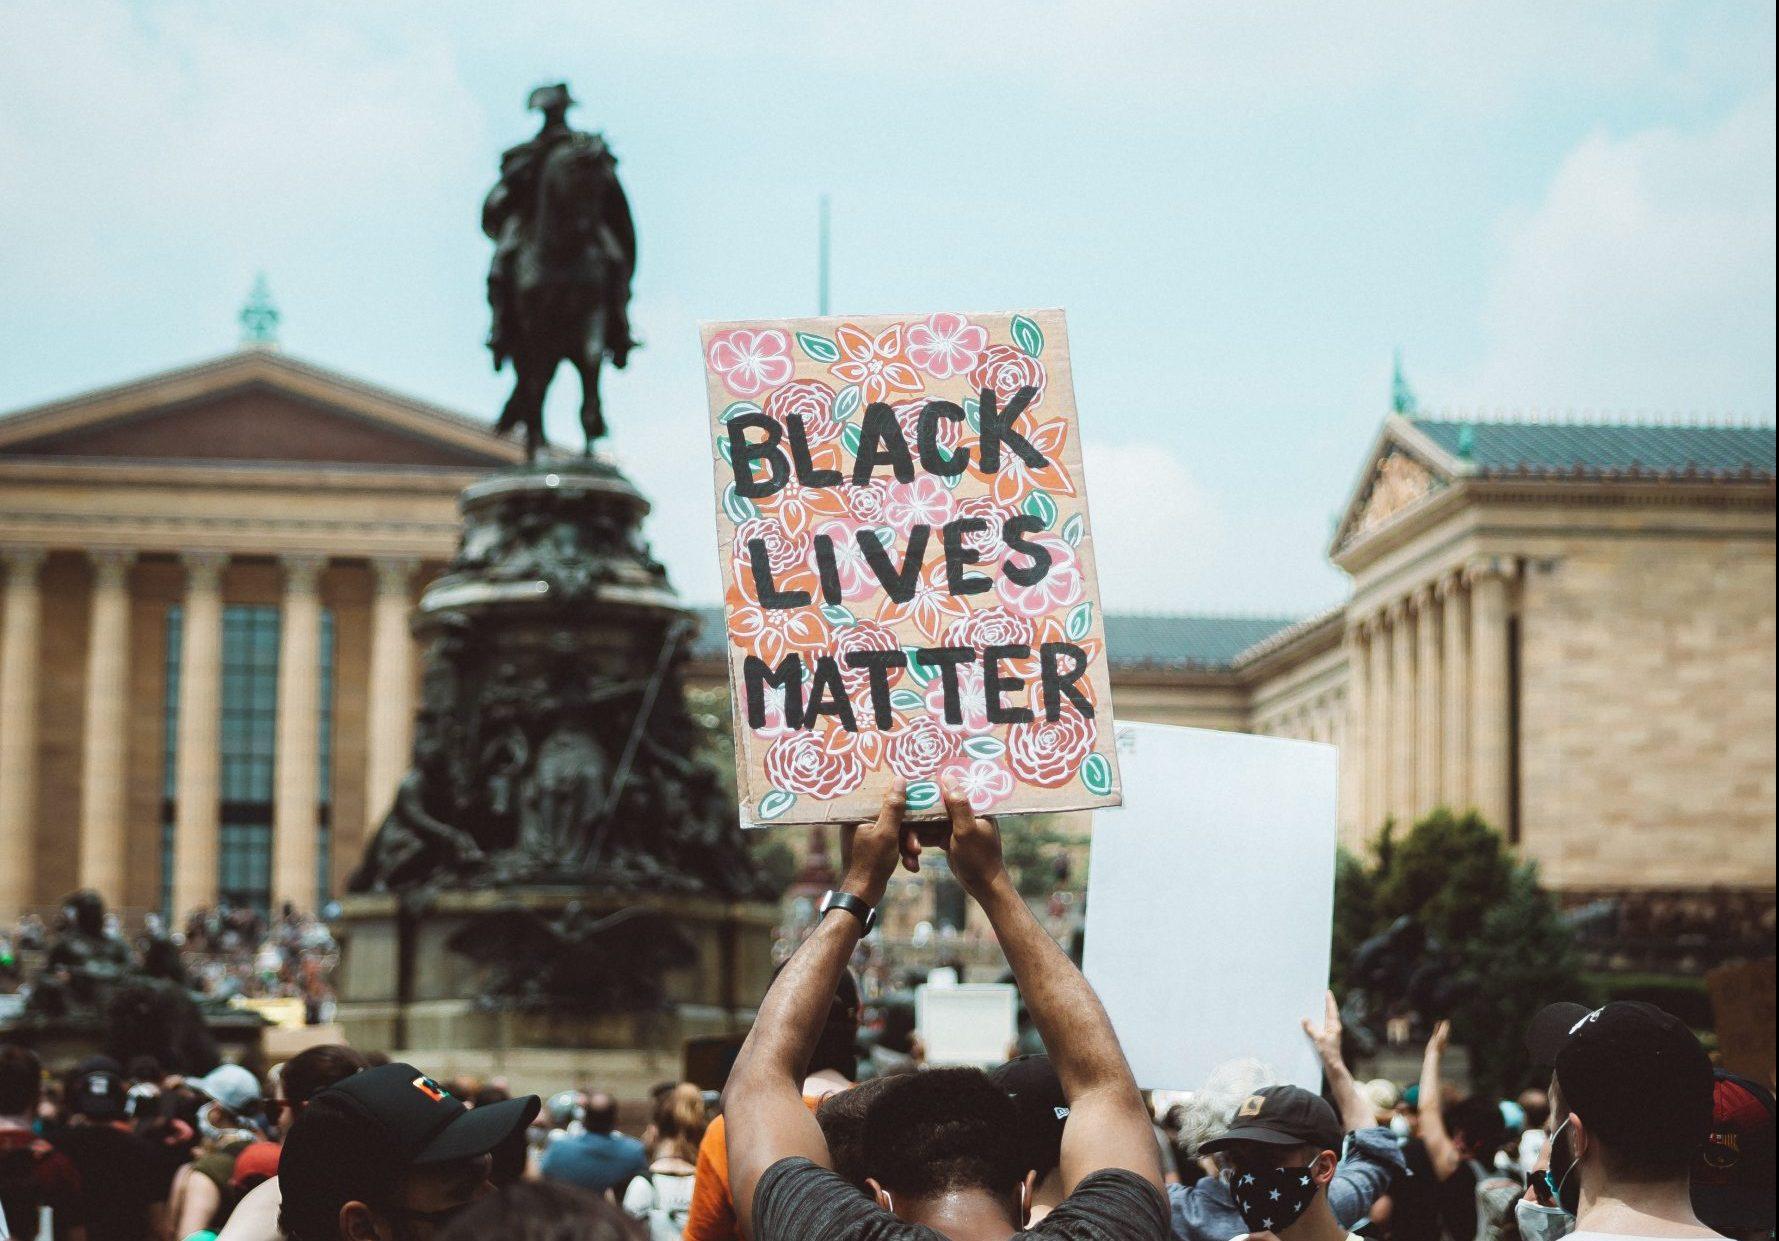 black lives matter (Foto: Unsplash)